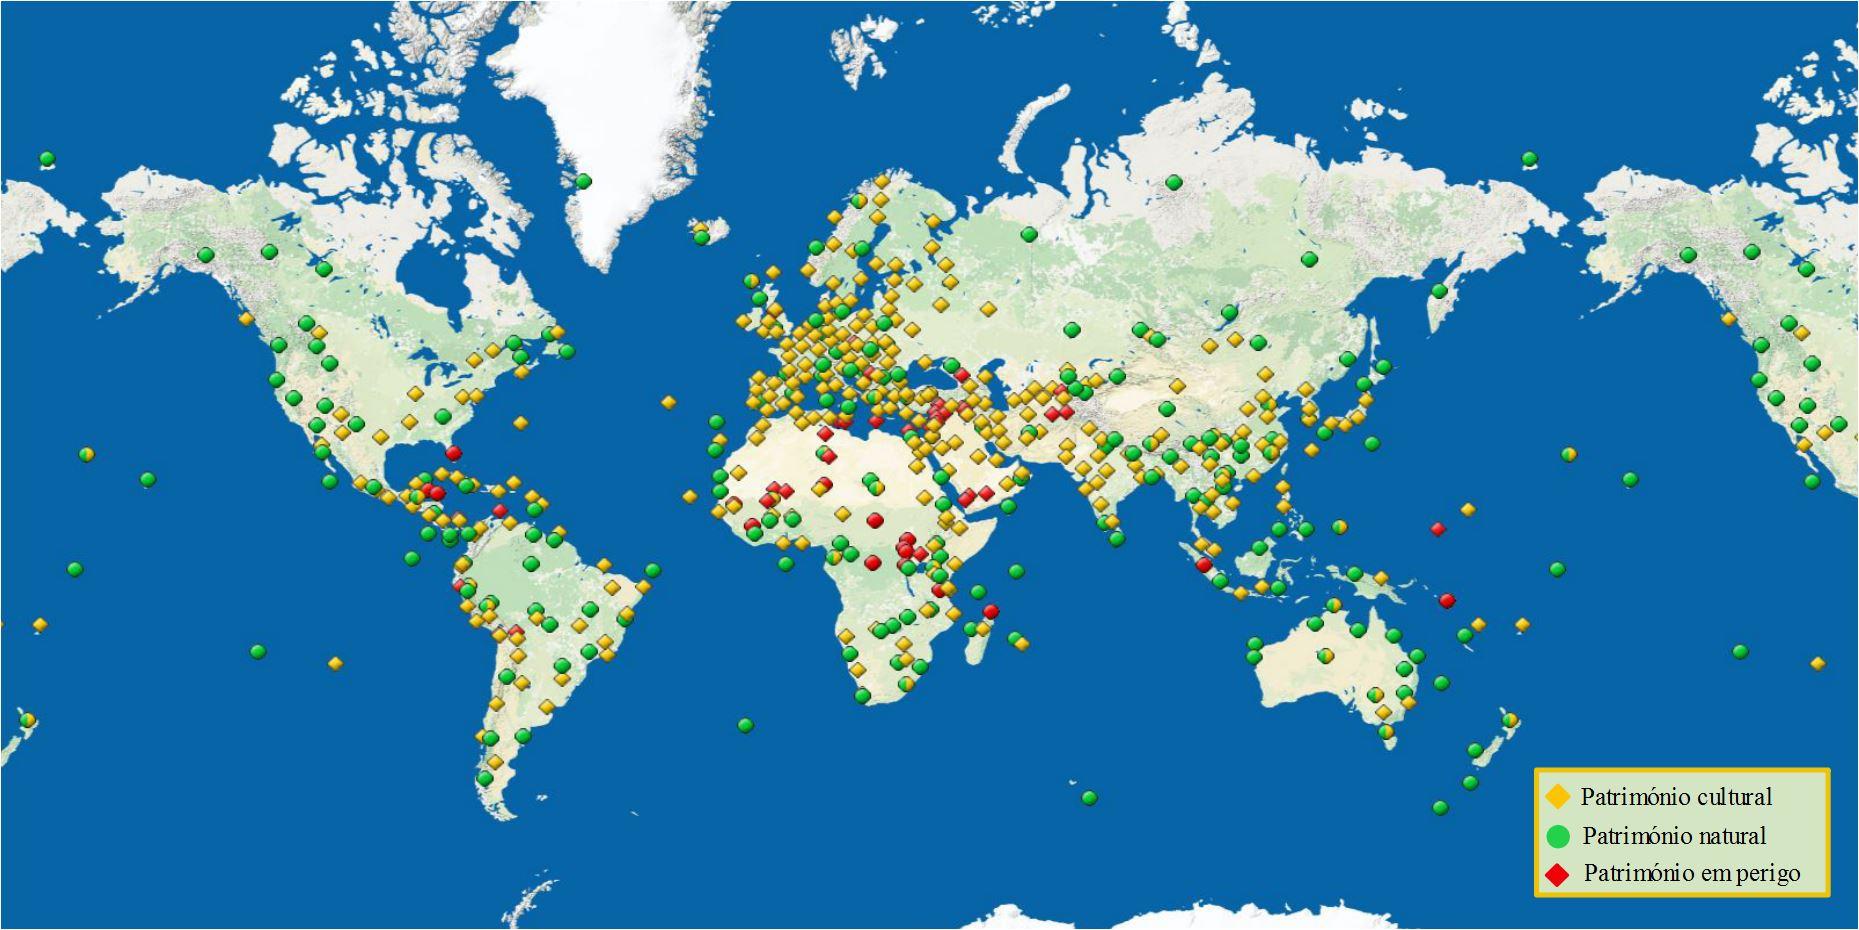 patrimonio mapa interativo